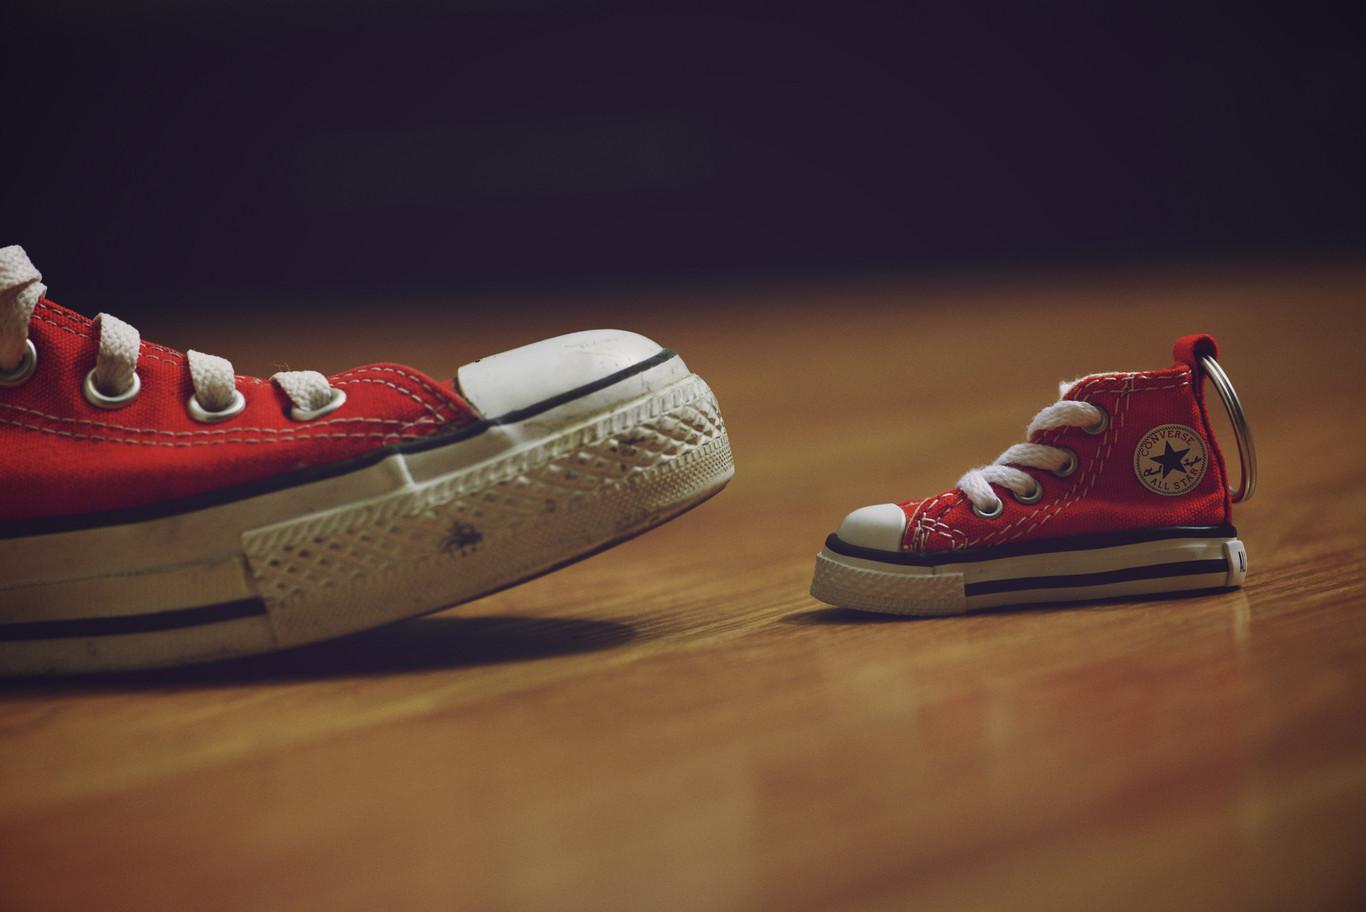 928b4a57 Los que se quitan los zapatos al entrar a casa tienen razón: he aquí la  explicación científica